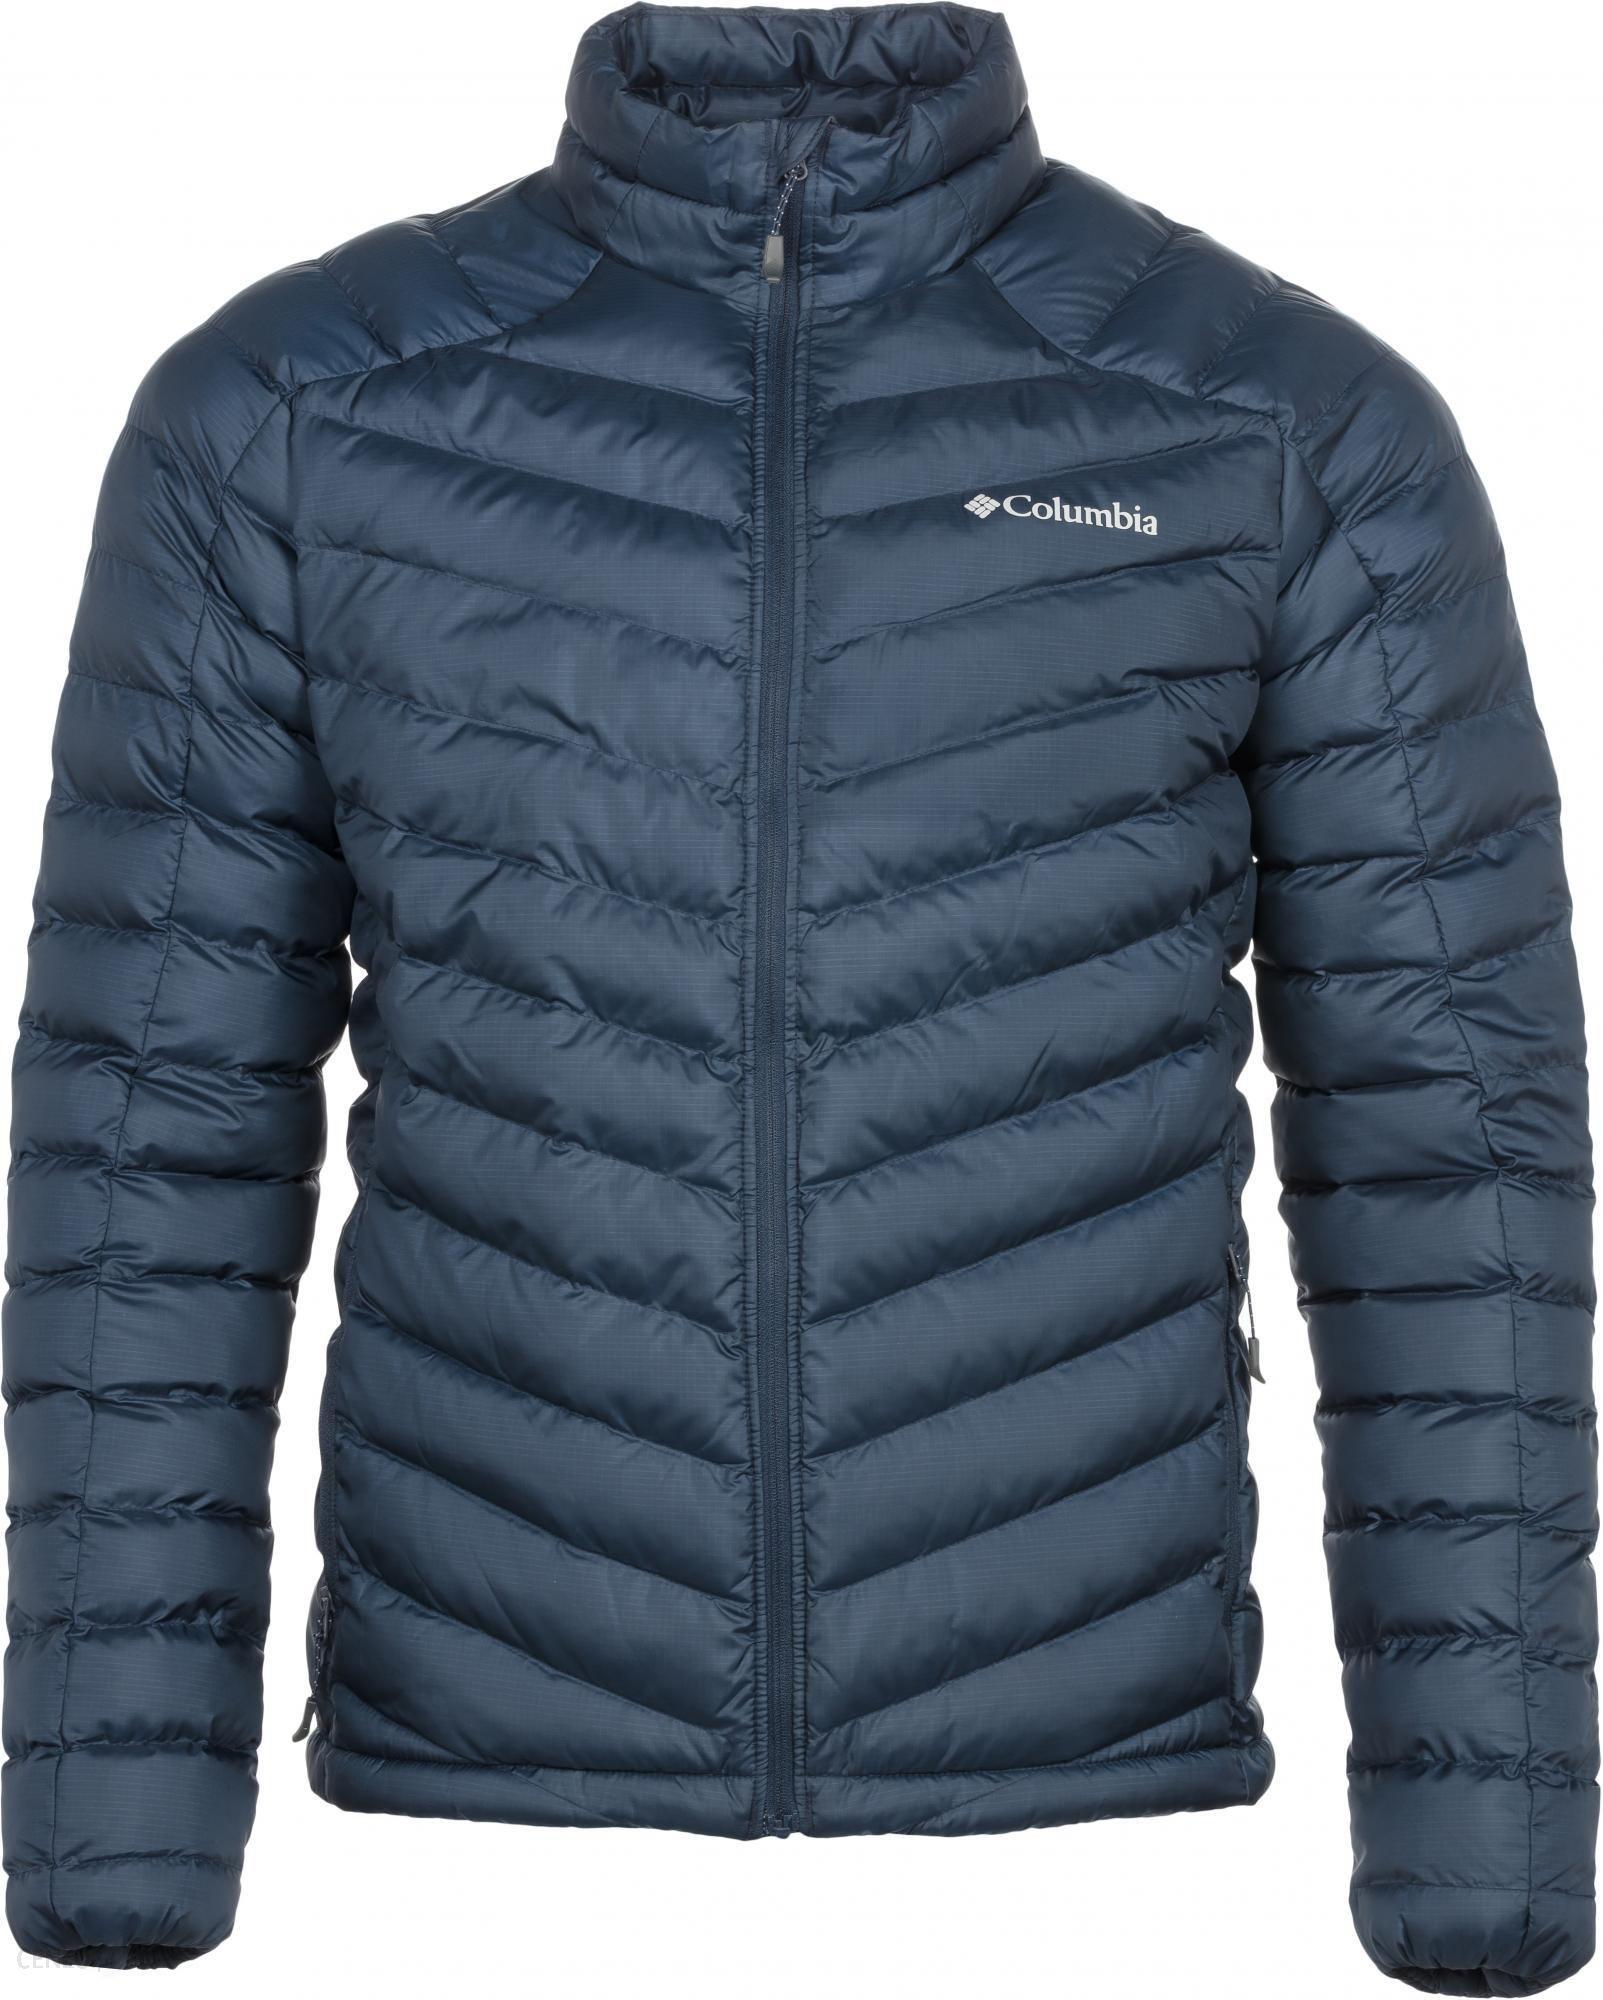 wyprzedaż ze zniżką najwyższa jakość szeroki zasięg COLUMBIA Męska kurtka zimowa Horizon Explorer Jacket Collegiate Navy S -  Ceny i opinie - Ceneo.pl